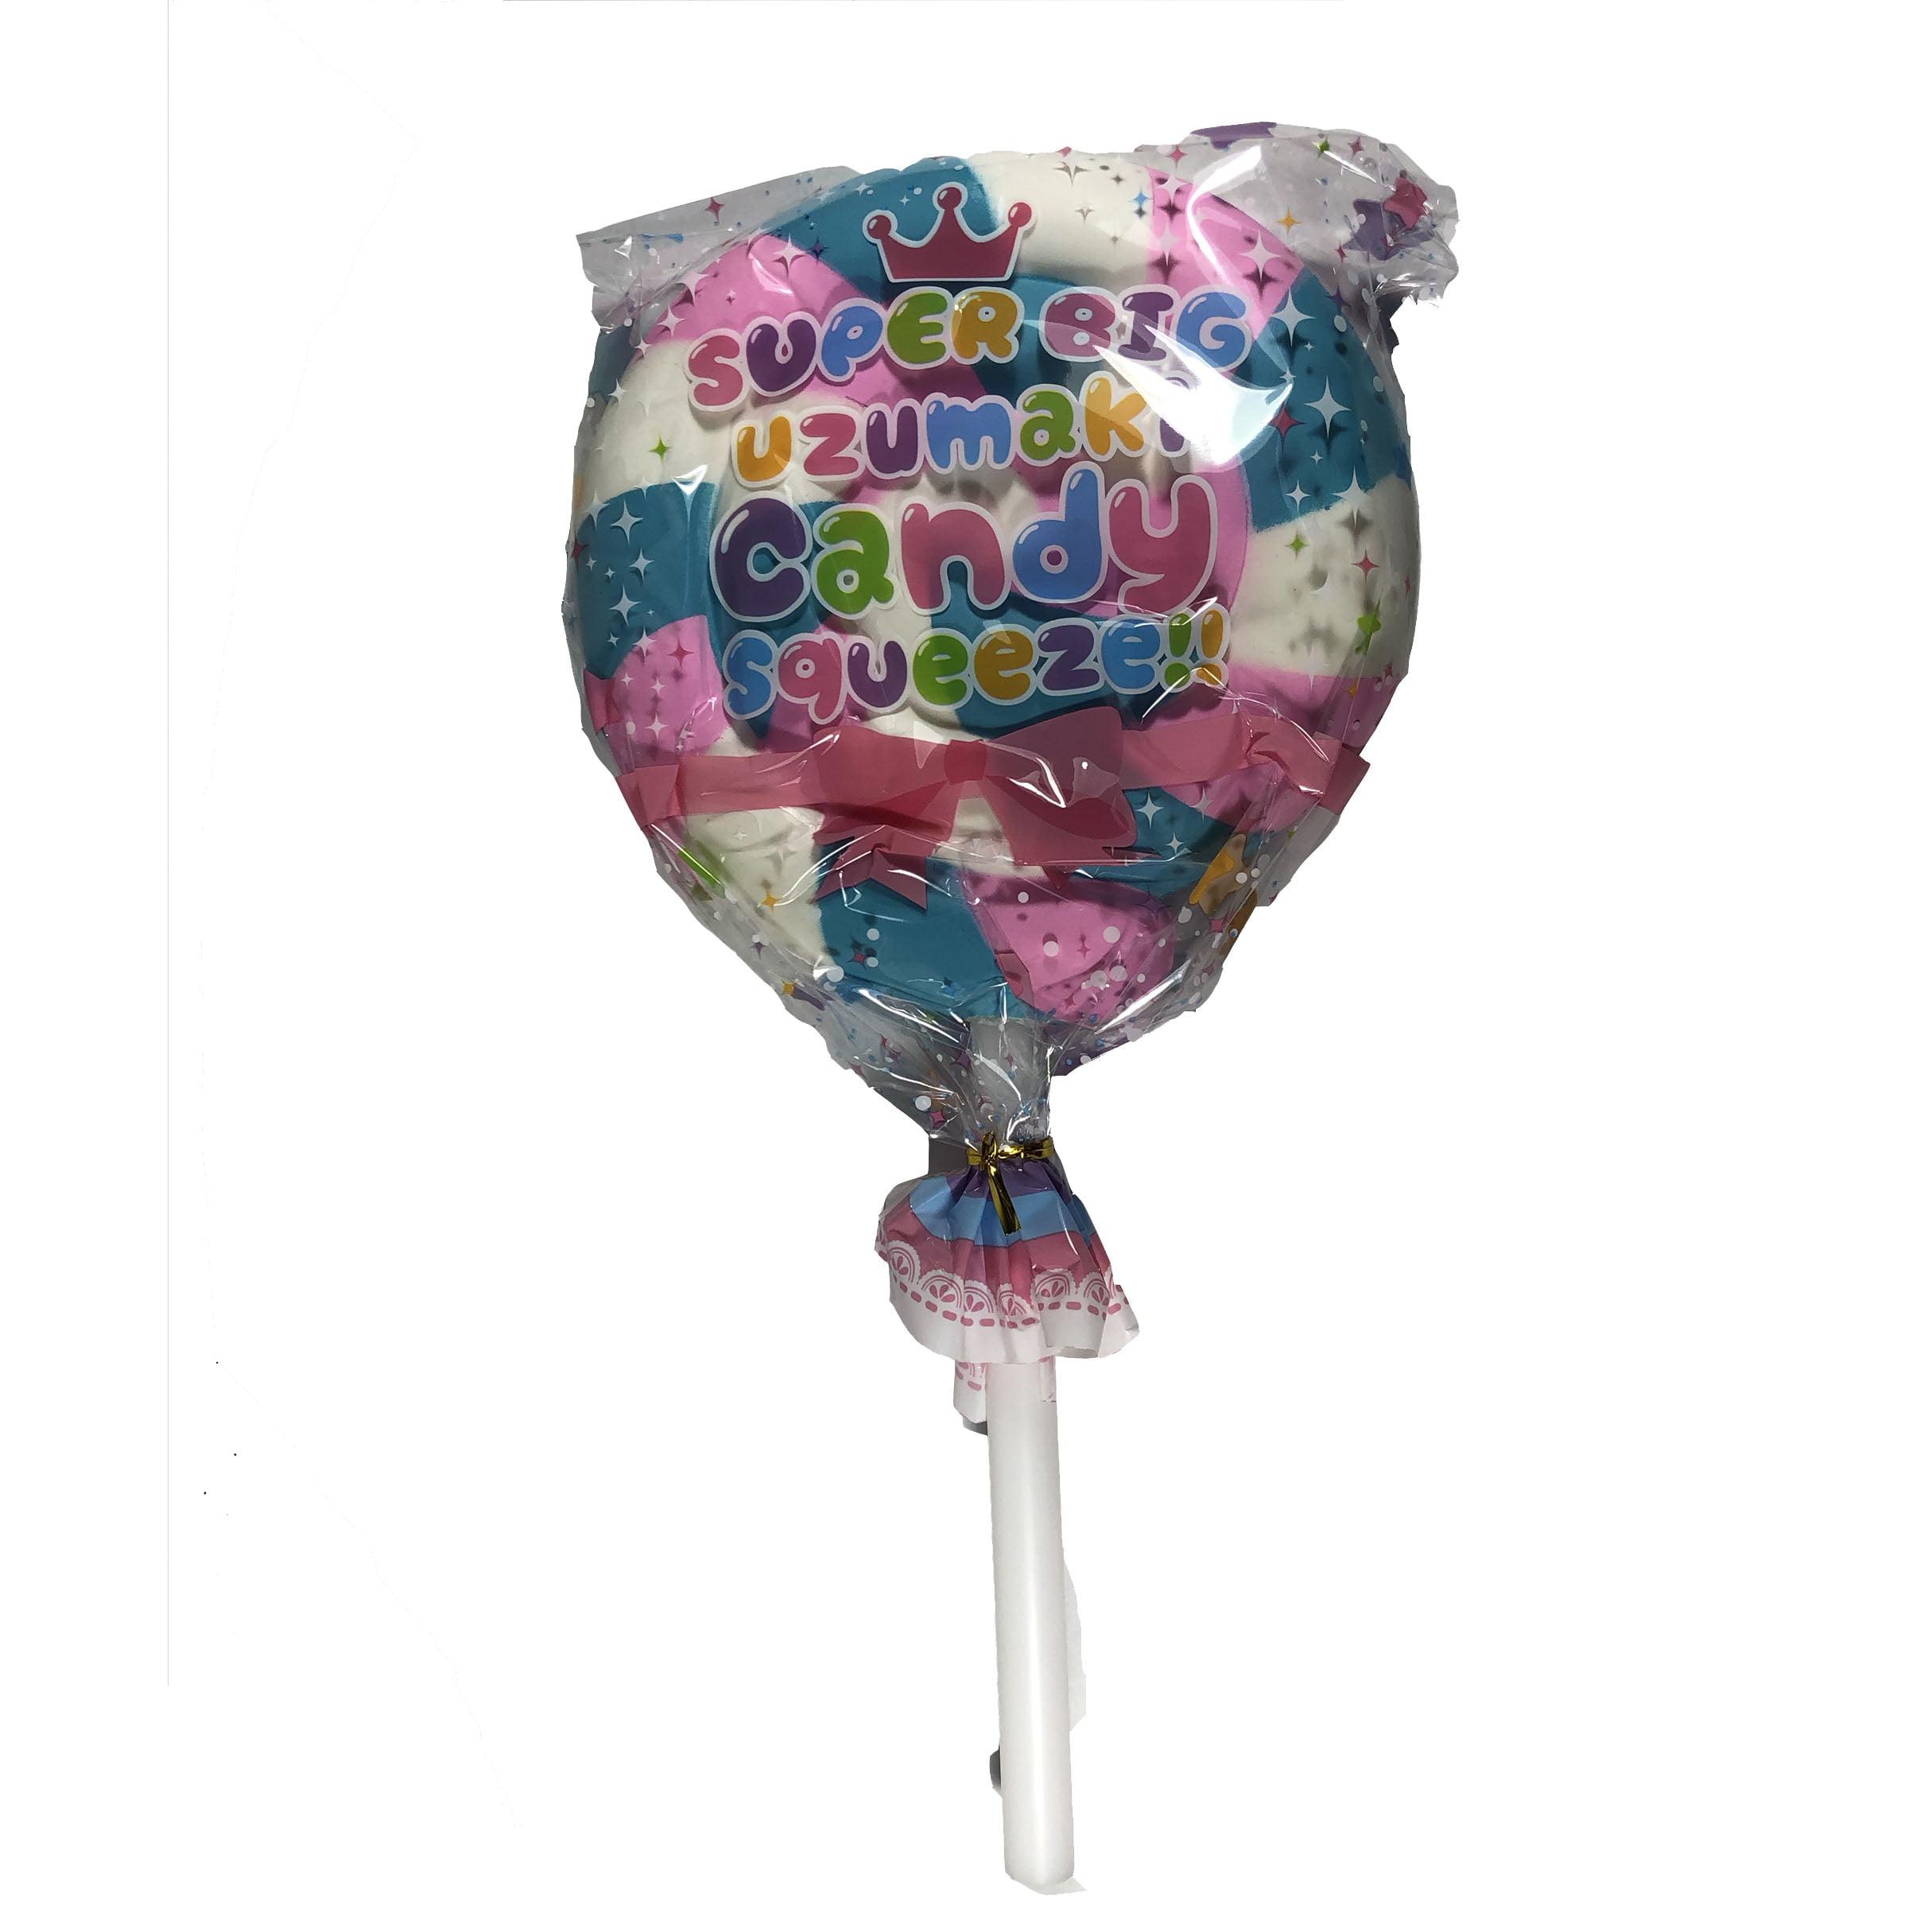 Super Big Uzumaki Candy Lollipop Squishy by Lian